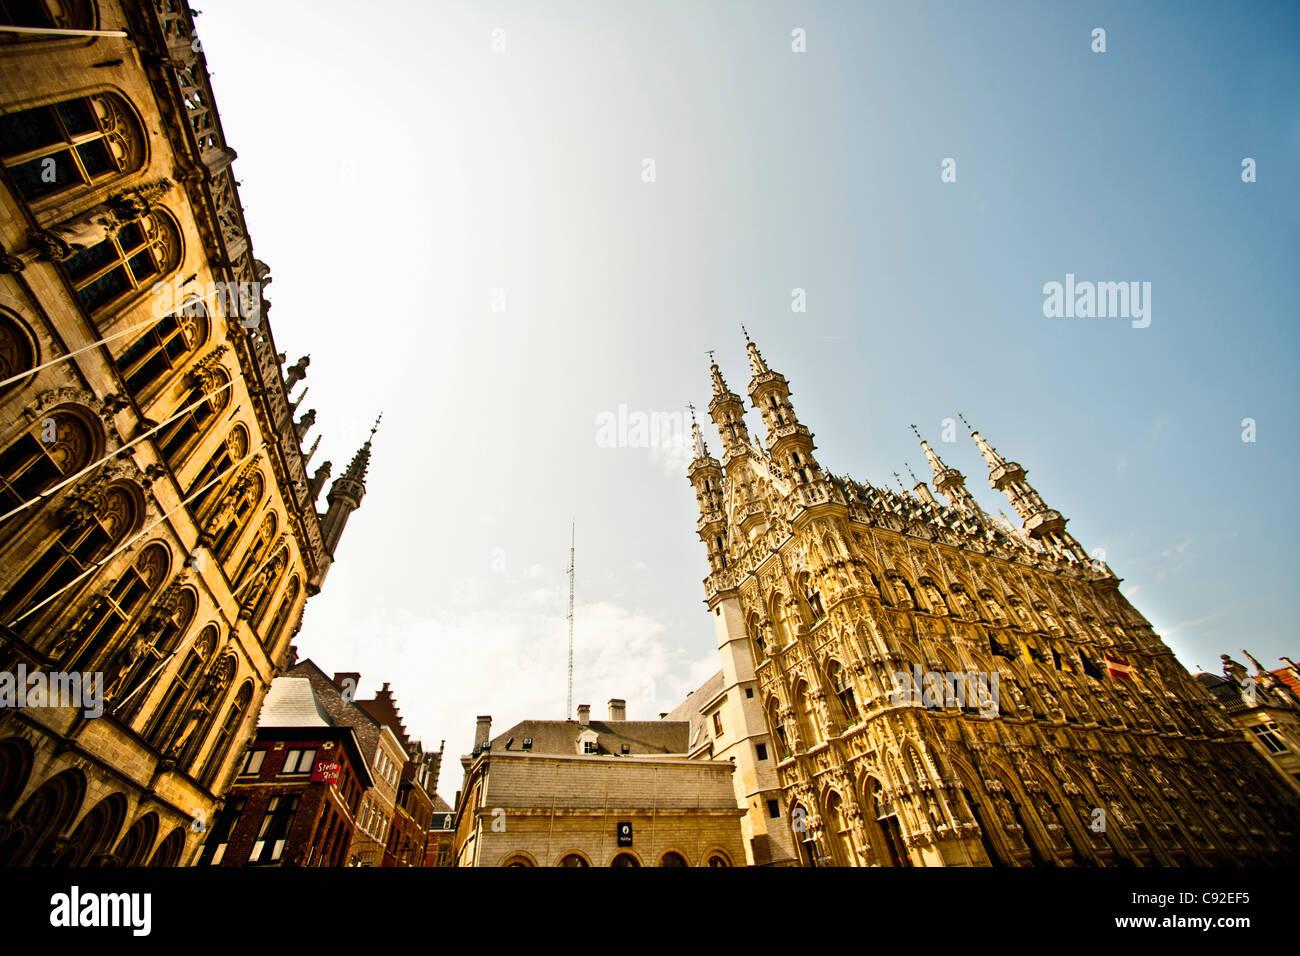 Reich verzierte Gebäude gegen blauen Himmel Stockbild